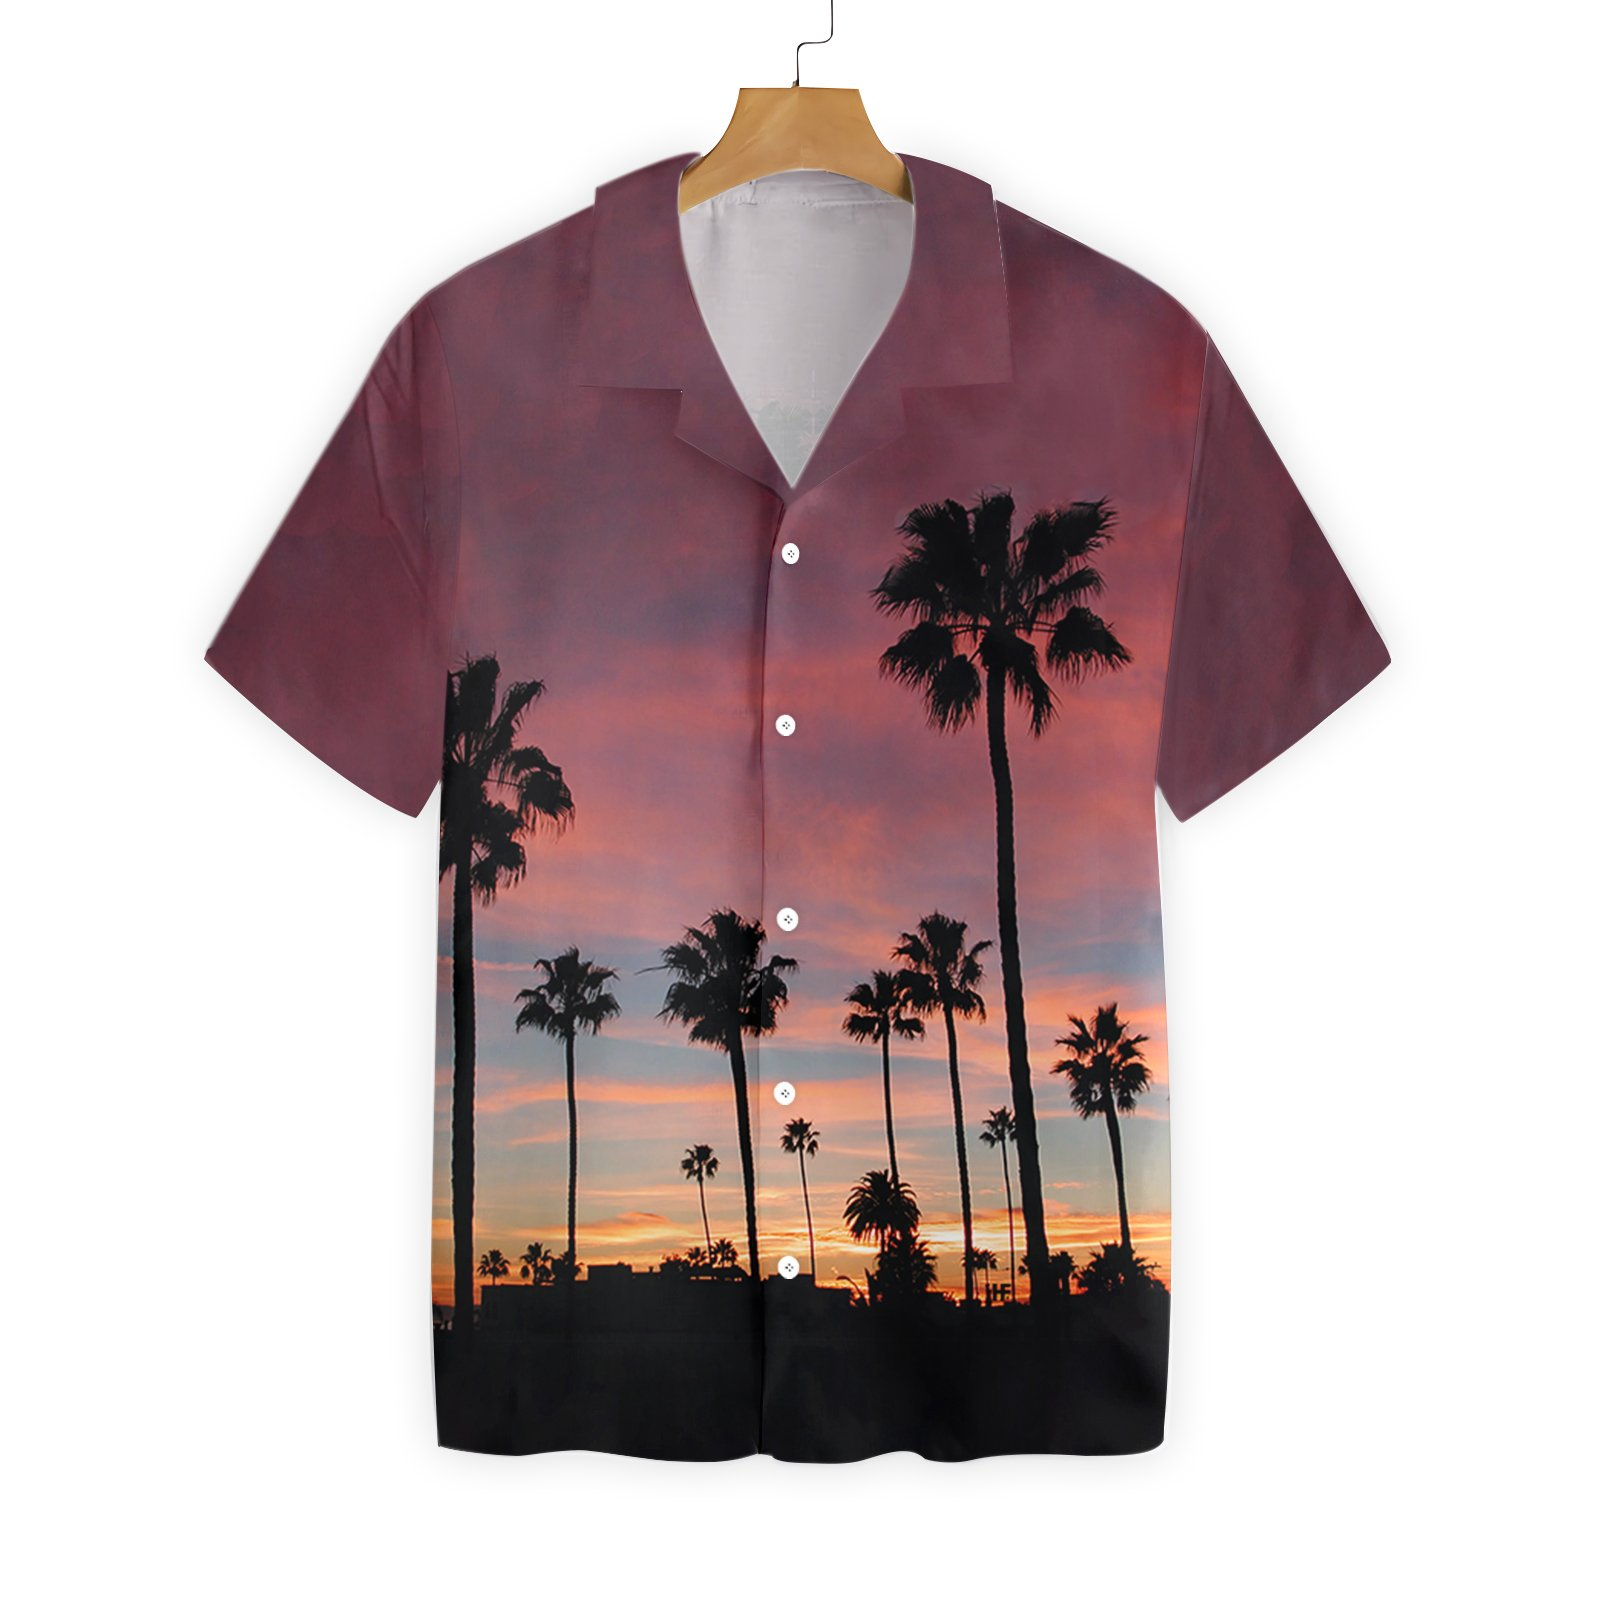 Sunset Venice Beach Hawaiian Shirt Summer Shirt 2